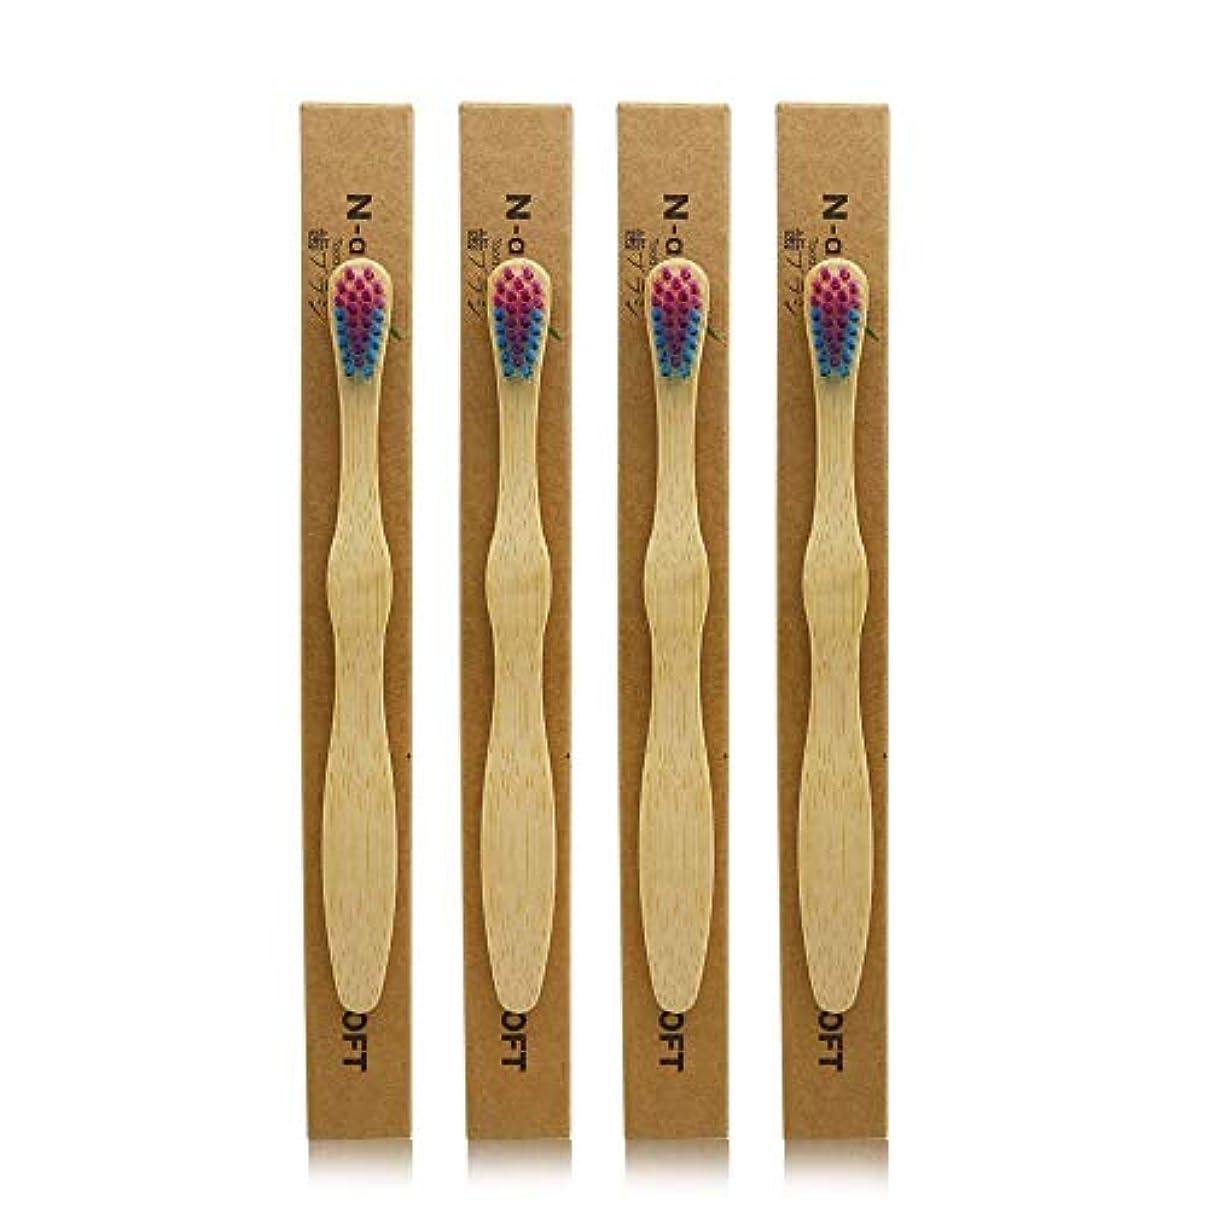 我慢する食事を調理するできるN-amboo 竹製耐久度高い 子供 歯ブラシ エコ 4本入り セット むらさきいろ